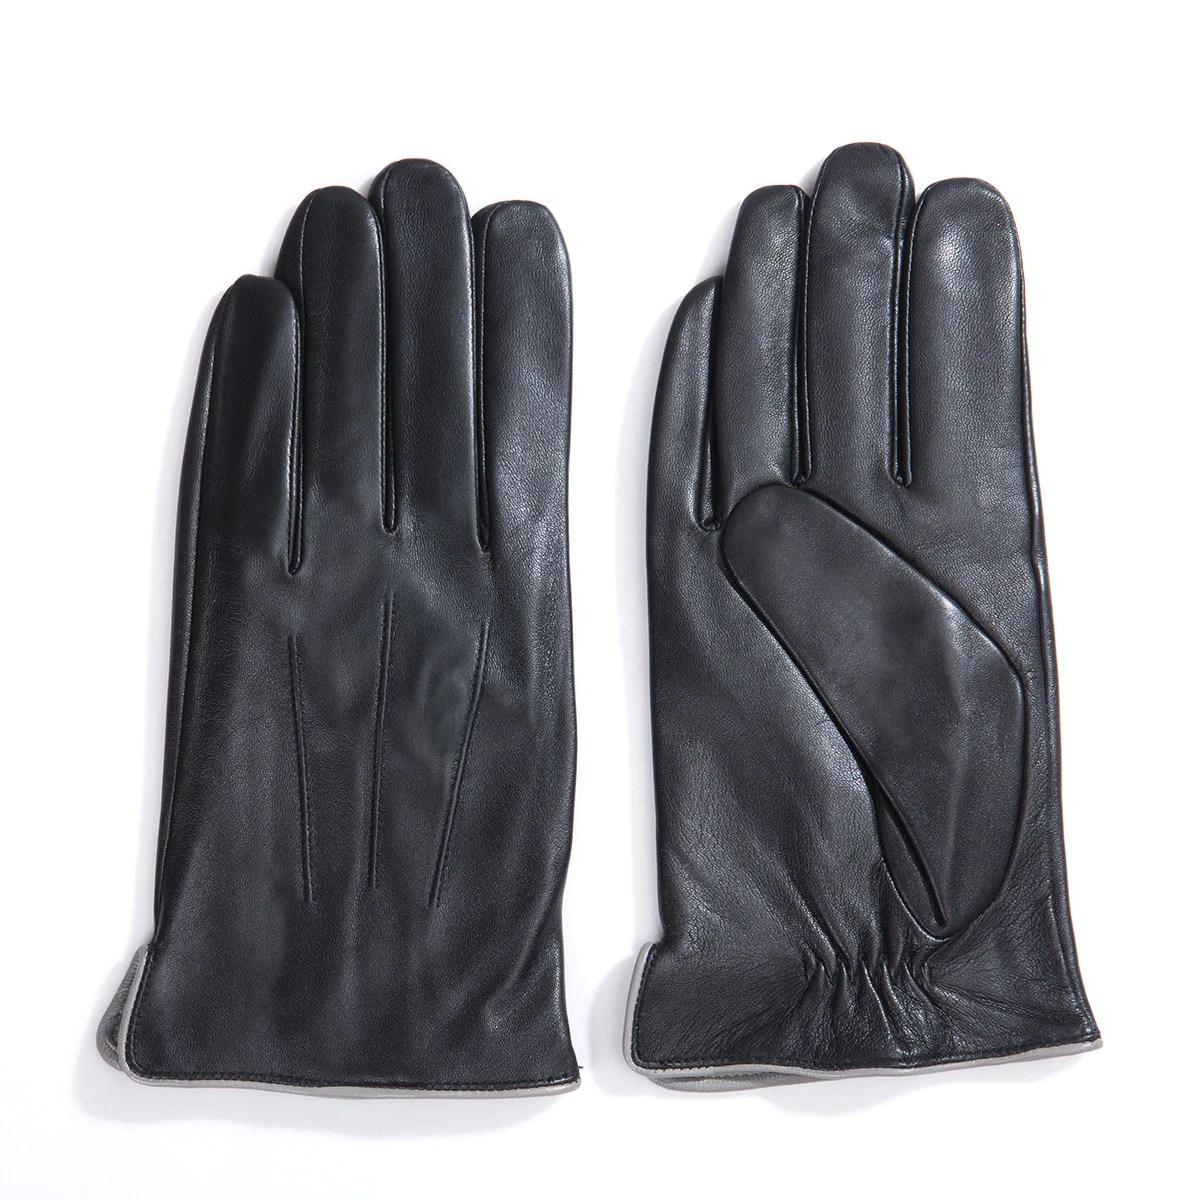 matsu x amazon men lambskin leather gloves m1006